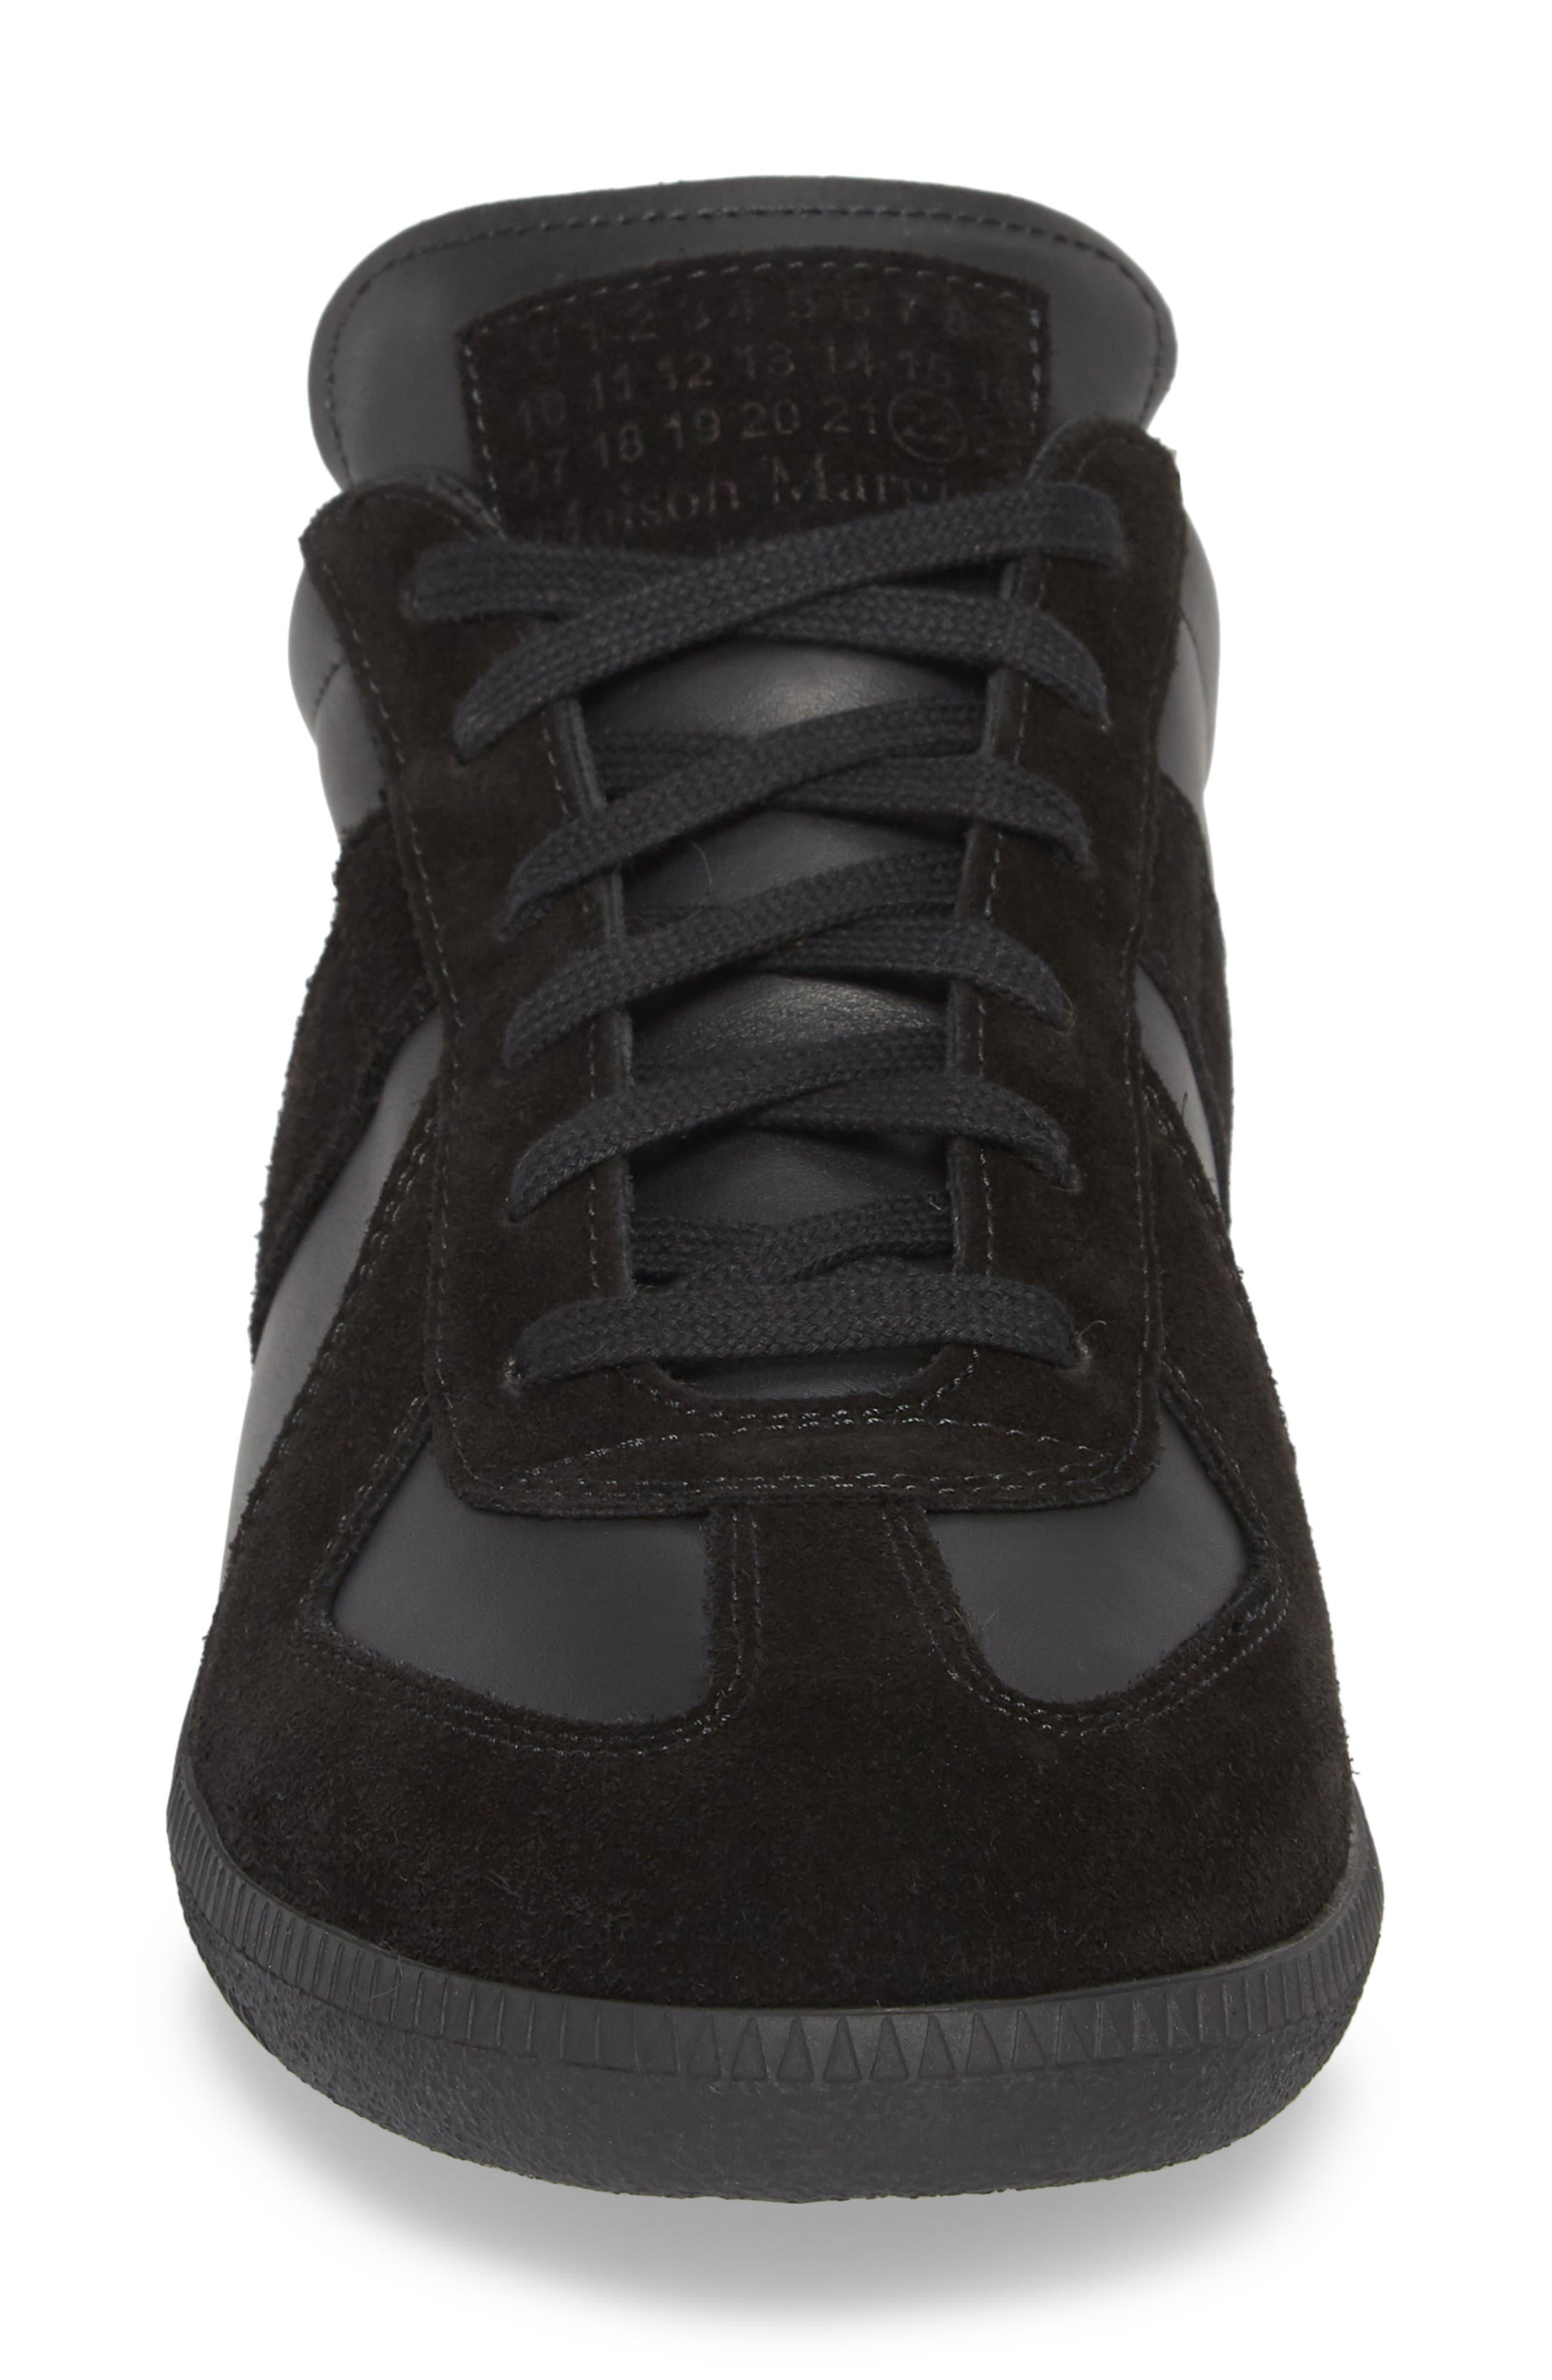 MM6 MAISON MARGIELA, Maison Margiela Replica Low Top Sneaker, Alternate thumbnail 4, color, BLACK